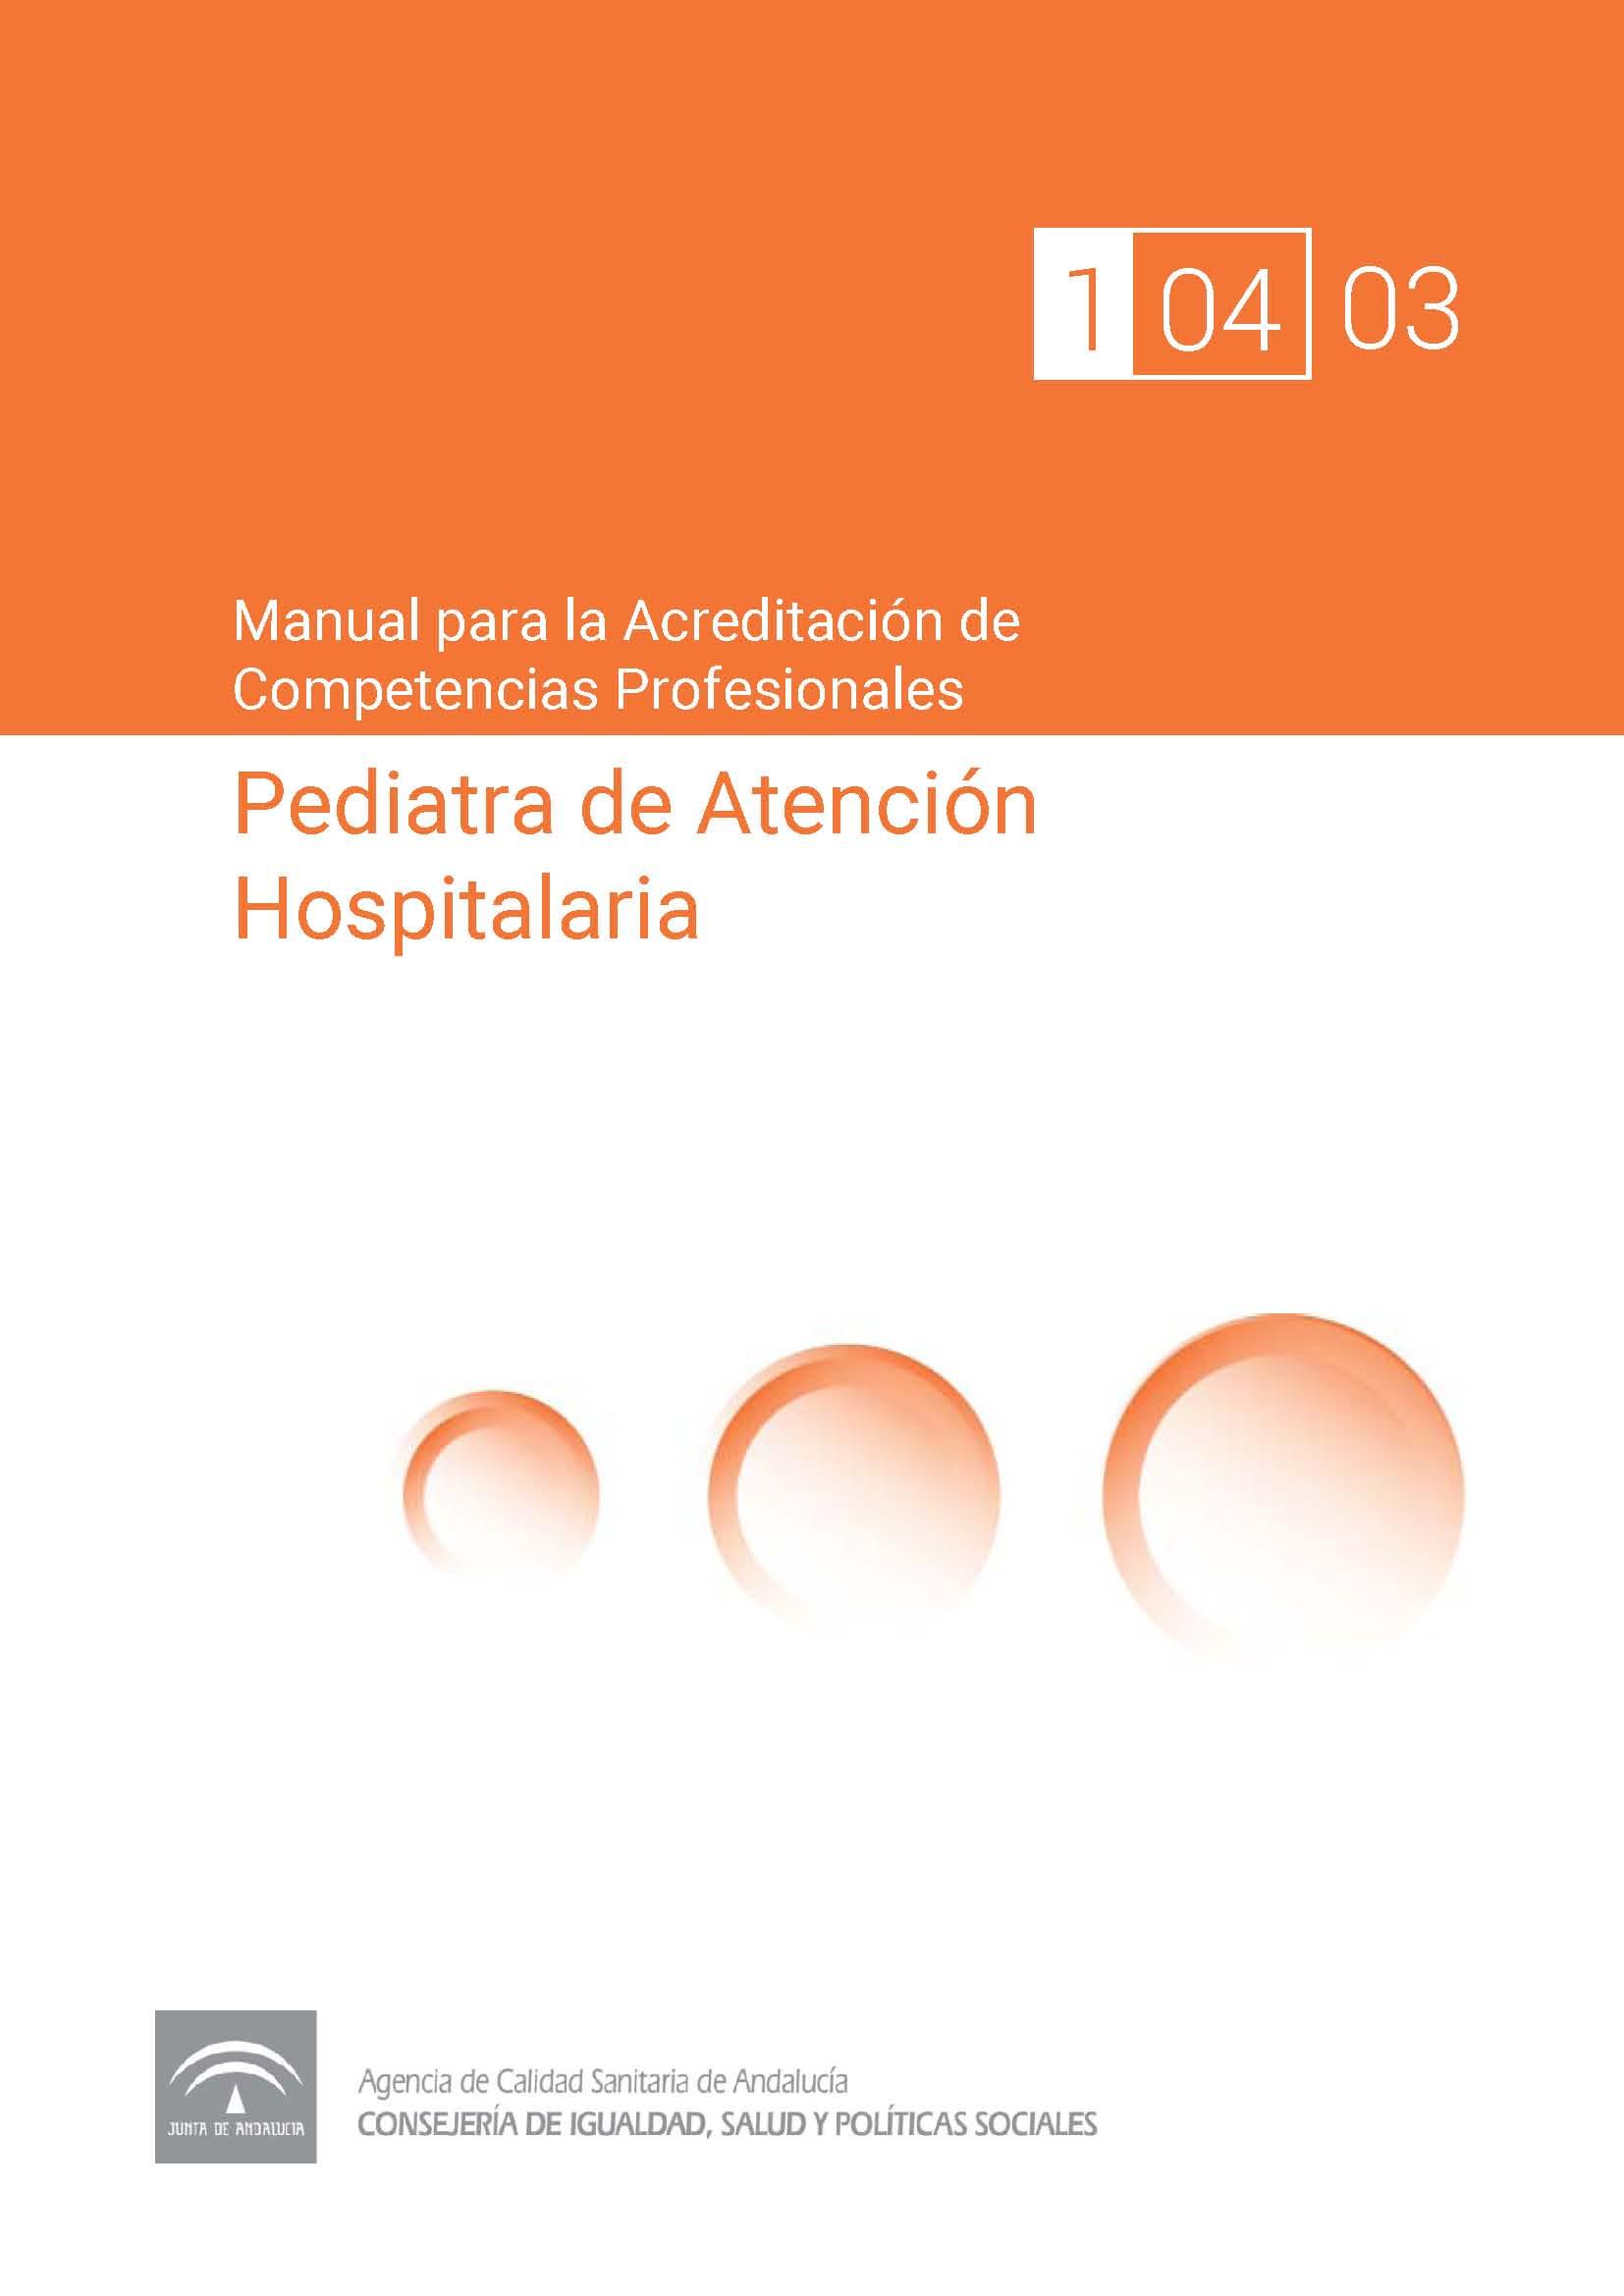 Manual de competencias profesionales del/de la Pediatra de Atención Hospitalaria